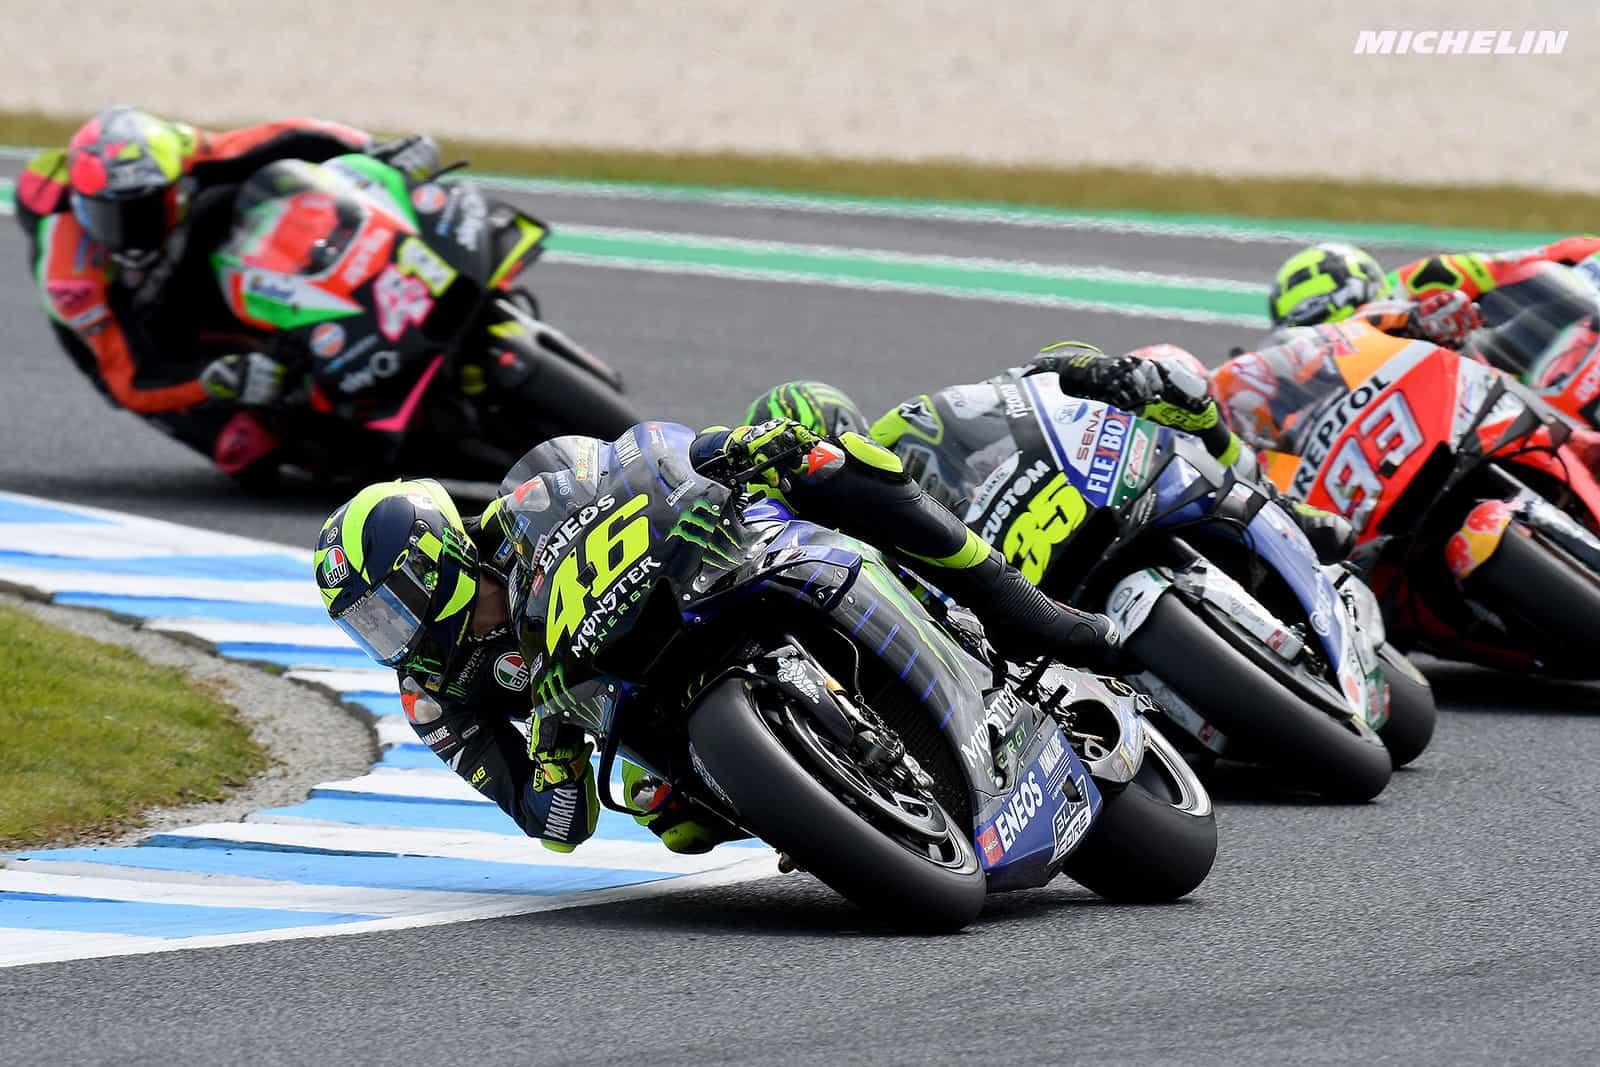 MotoGP2019マレーシアGP ロッシ「セパンはフィジカル面でタフだが、再びベストを尽くす」